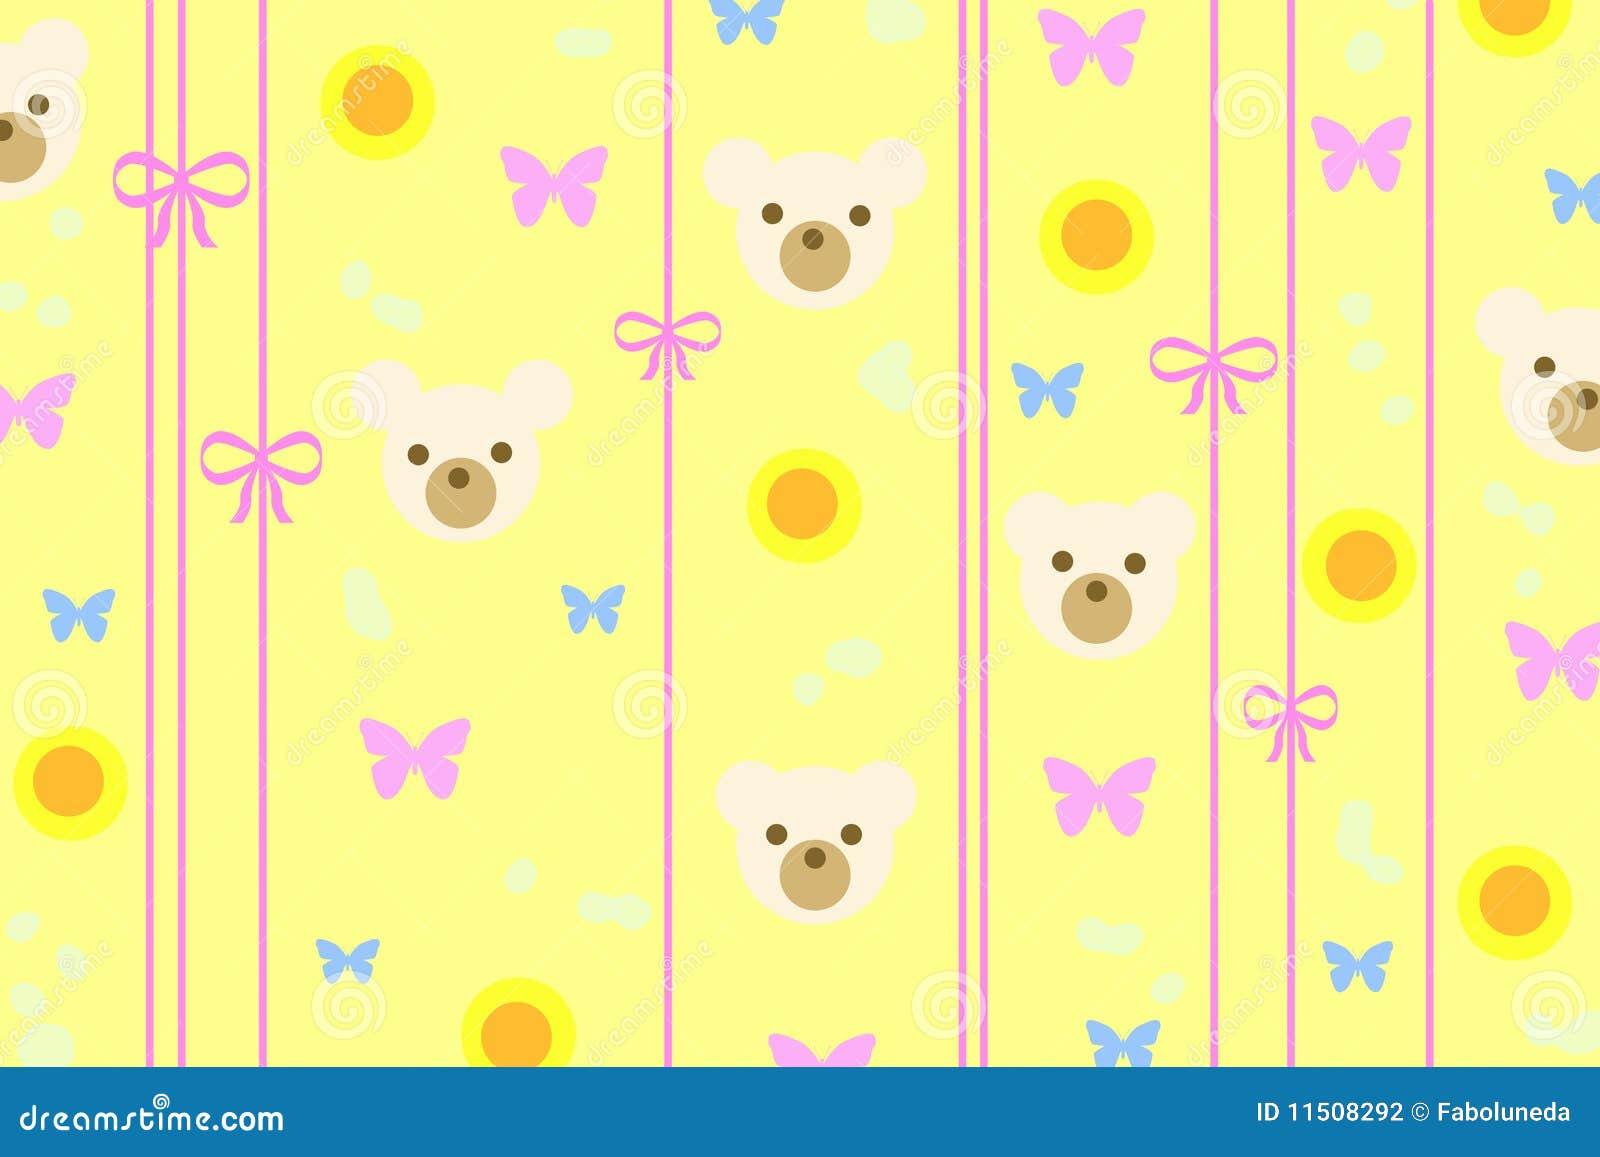 White Teddy Bear Wallpaper